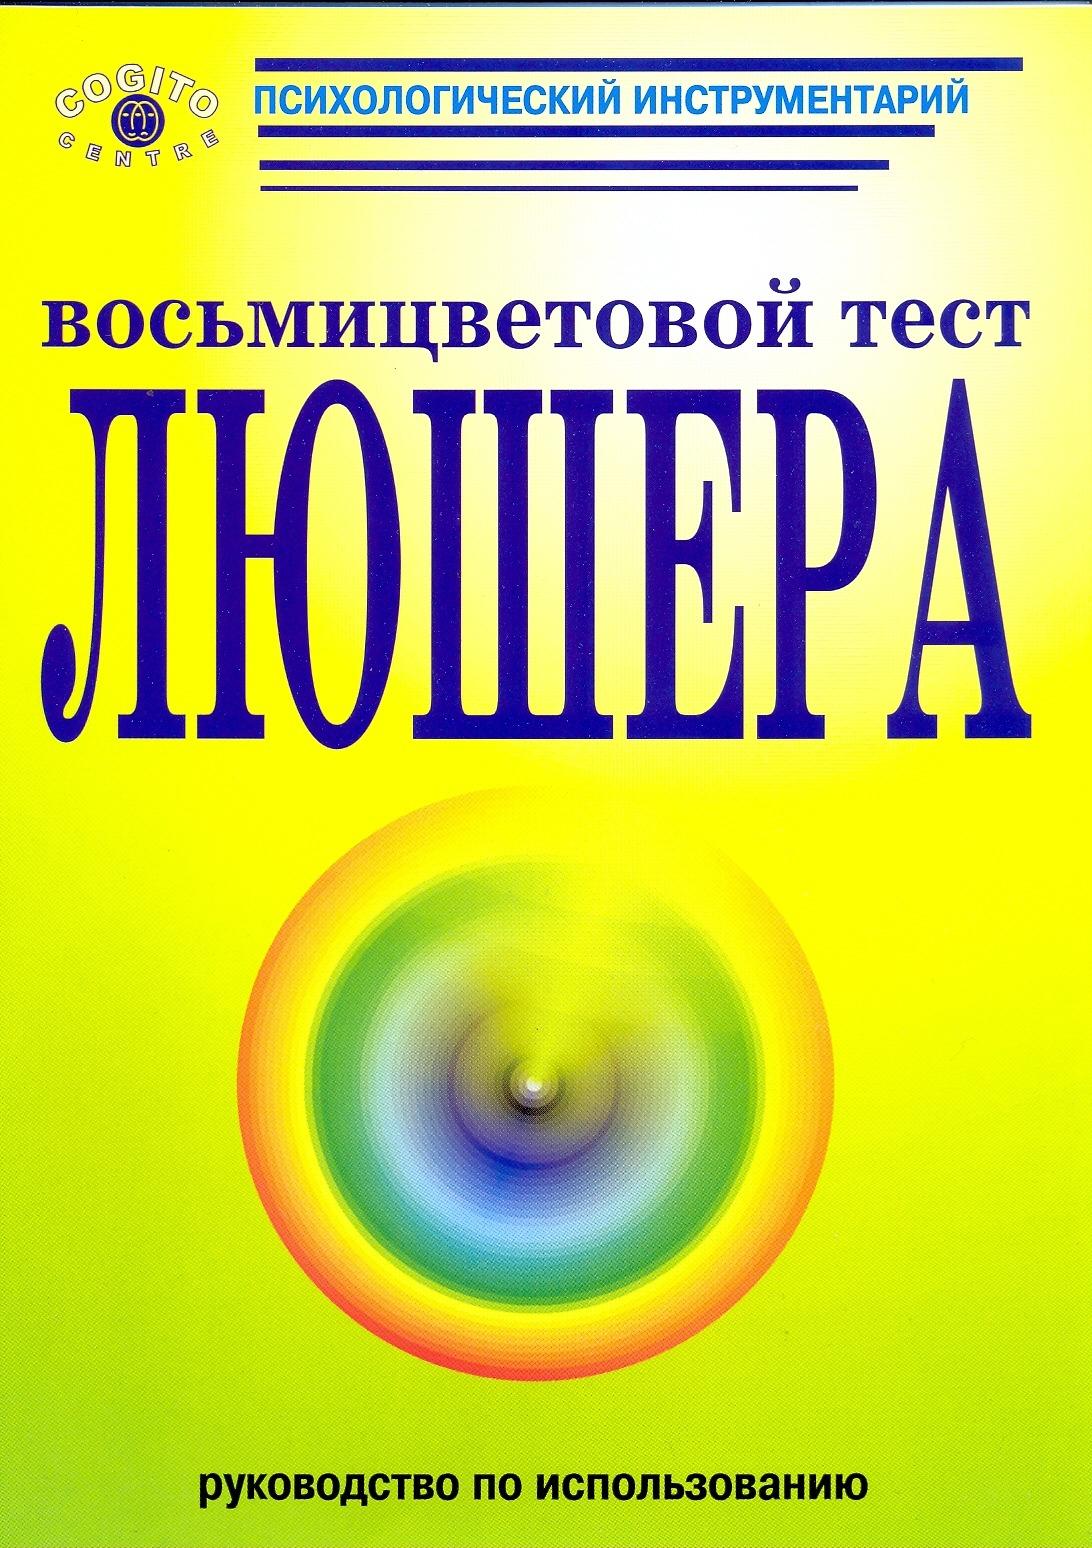 """Обложка книги """"Руководство по использованию восьмицветового теста Люшера"""""""